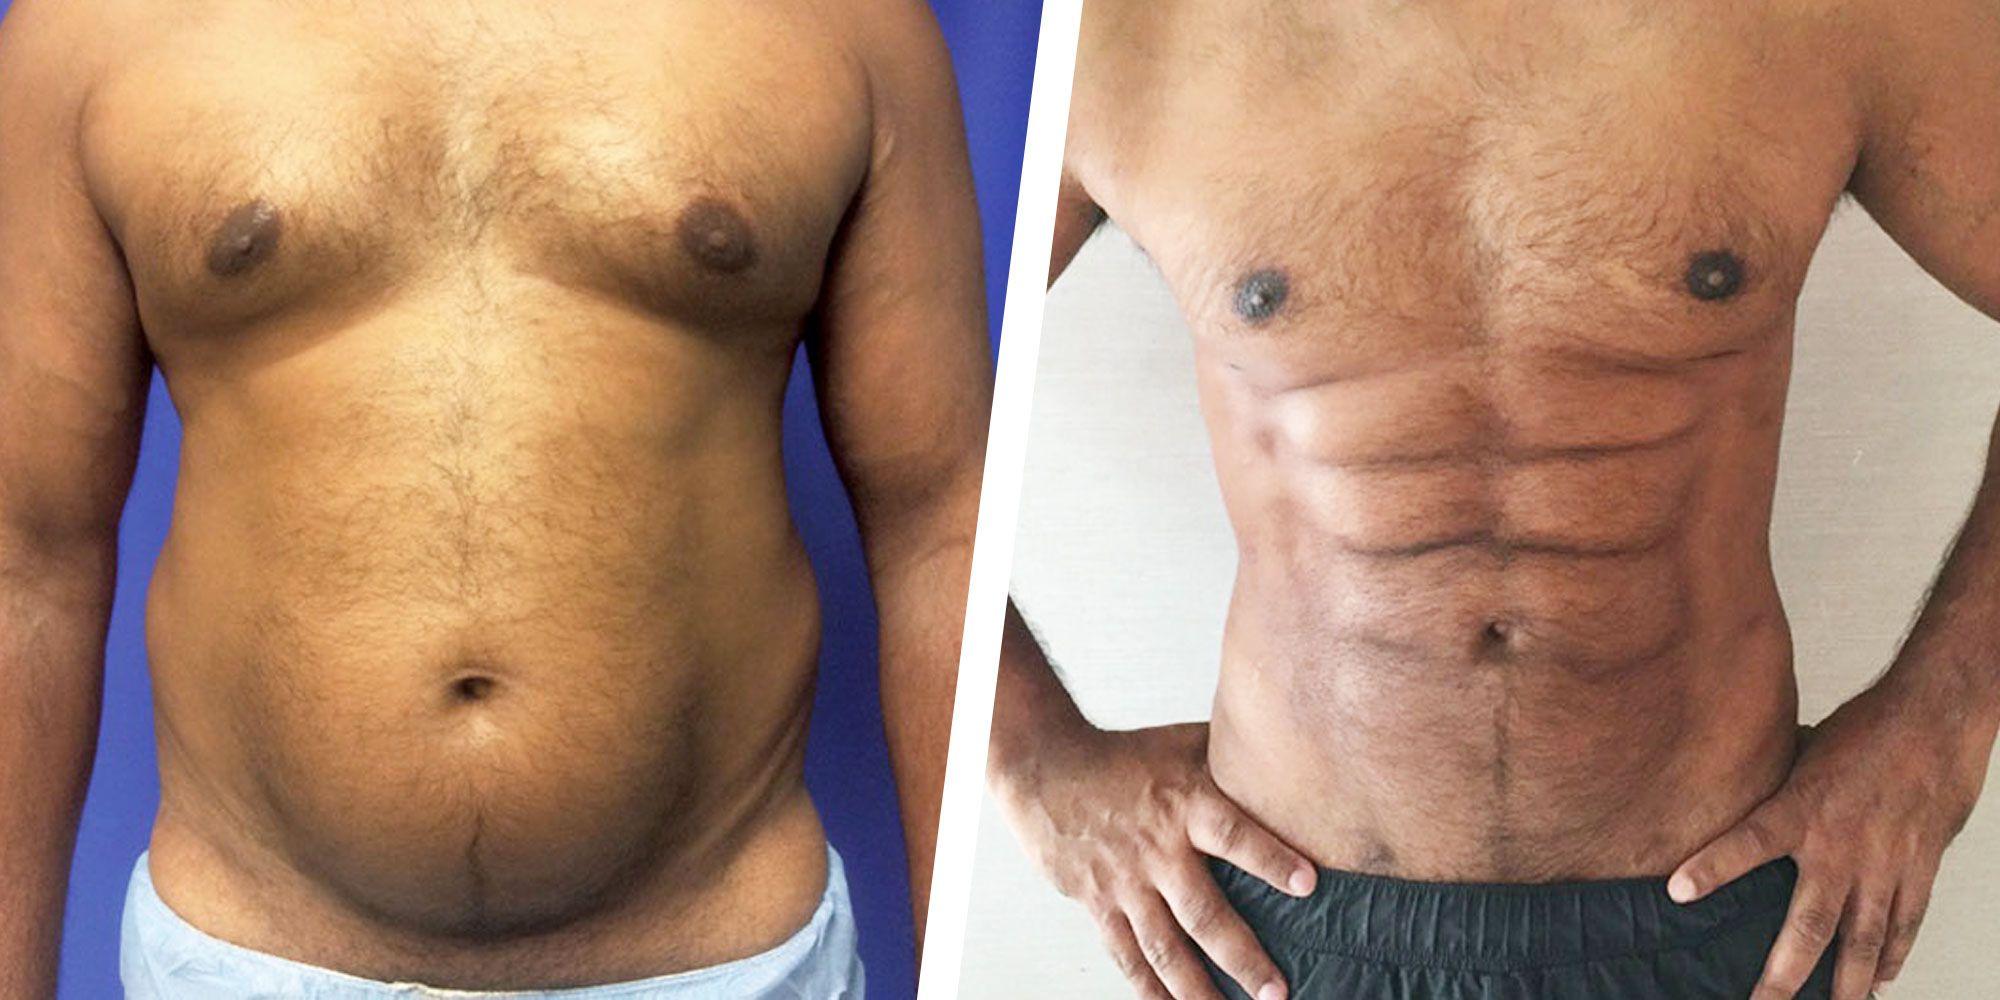 Les chirurgiens plasticiens utilisent l'attache abdominale pour créer Six Packs   – abdomino